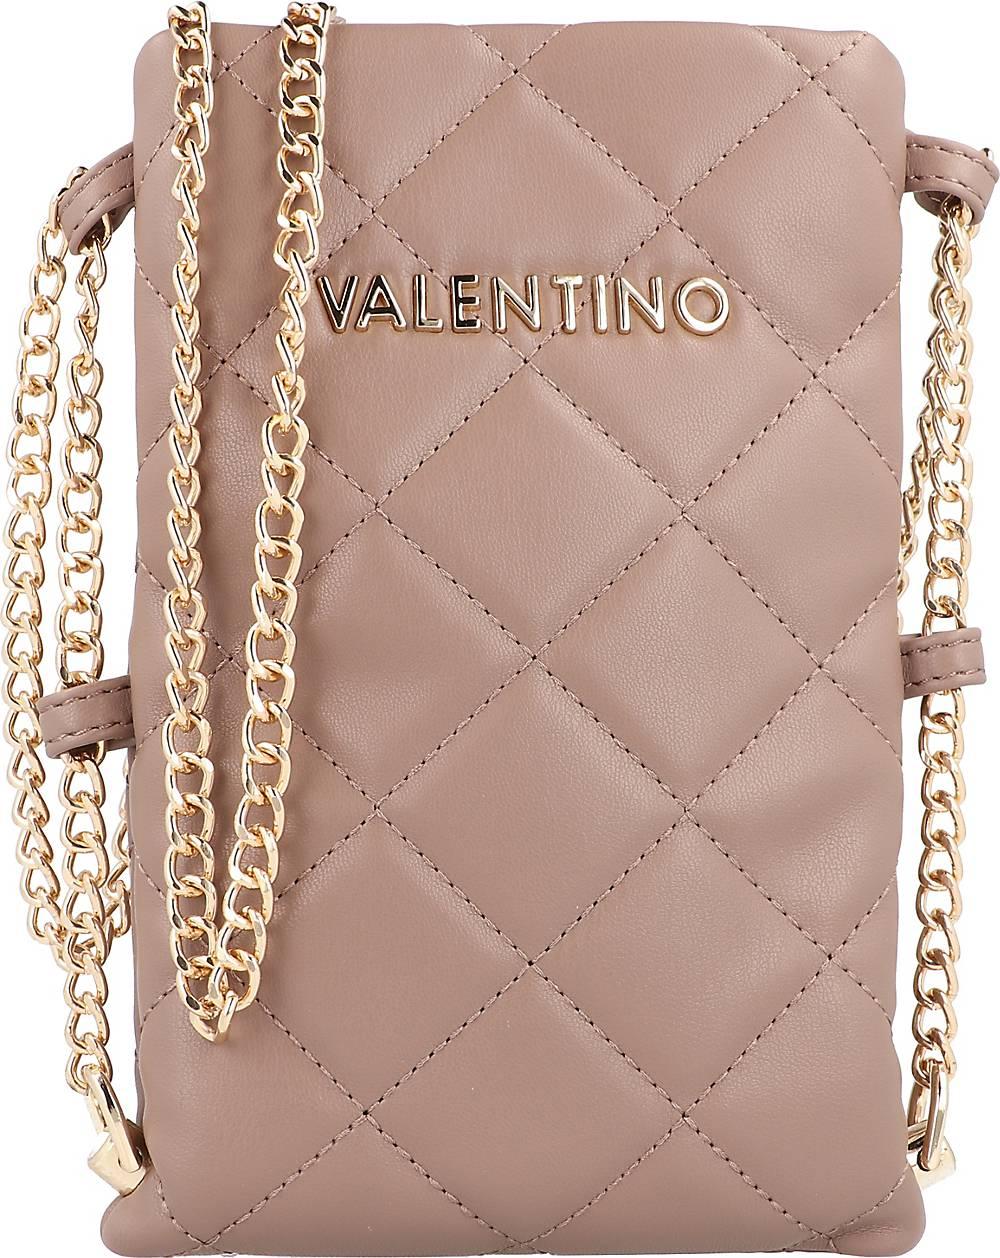 Valentino Bags, Ocarina Handytasche 13 Cm in mittelbraun, Handyhüllen & Zubehör für Damen